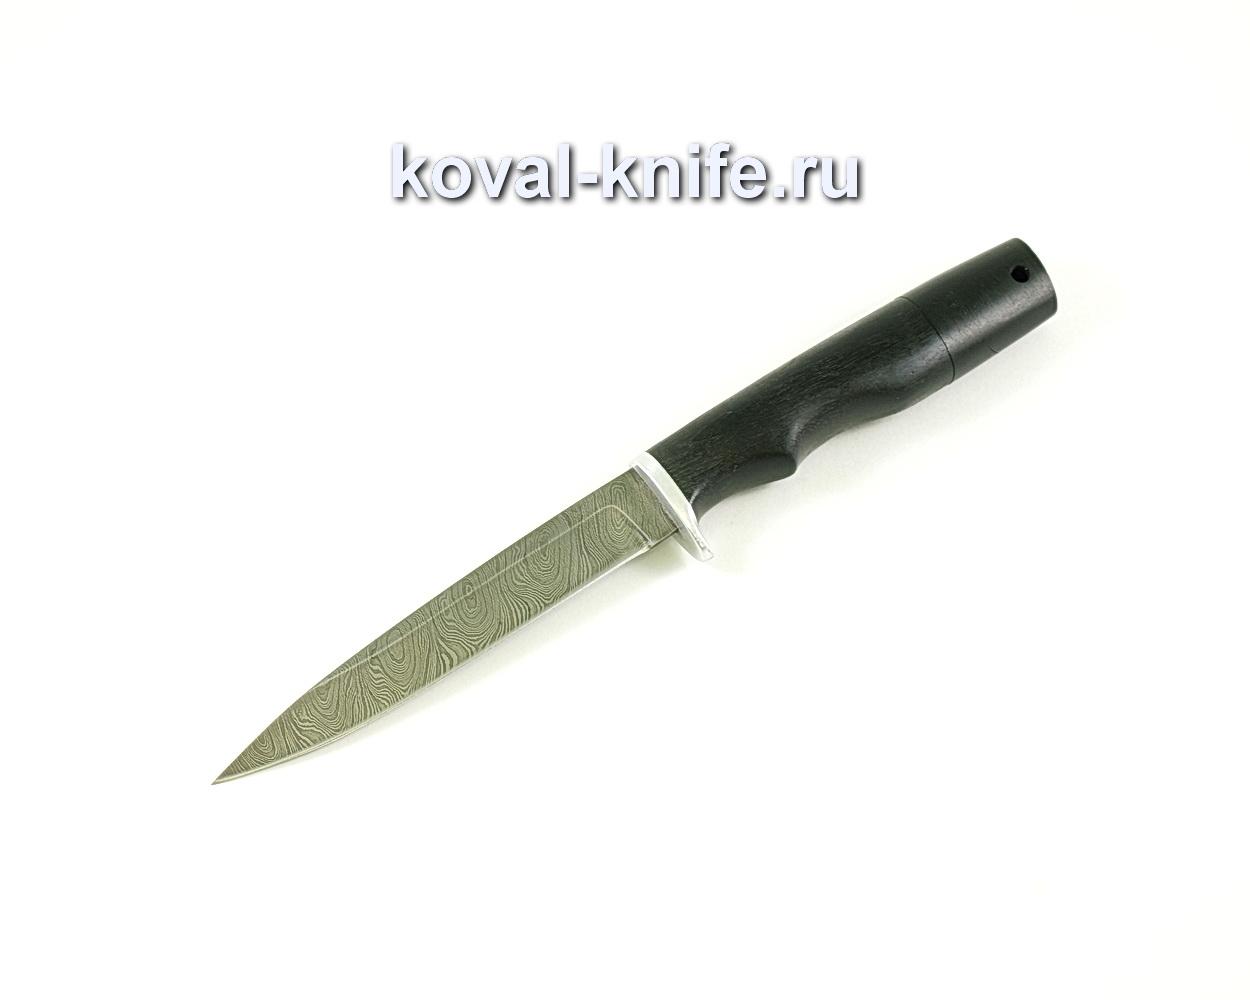 Нож Коготь (сталь дамасская), рукоять граб A069